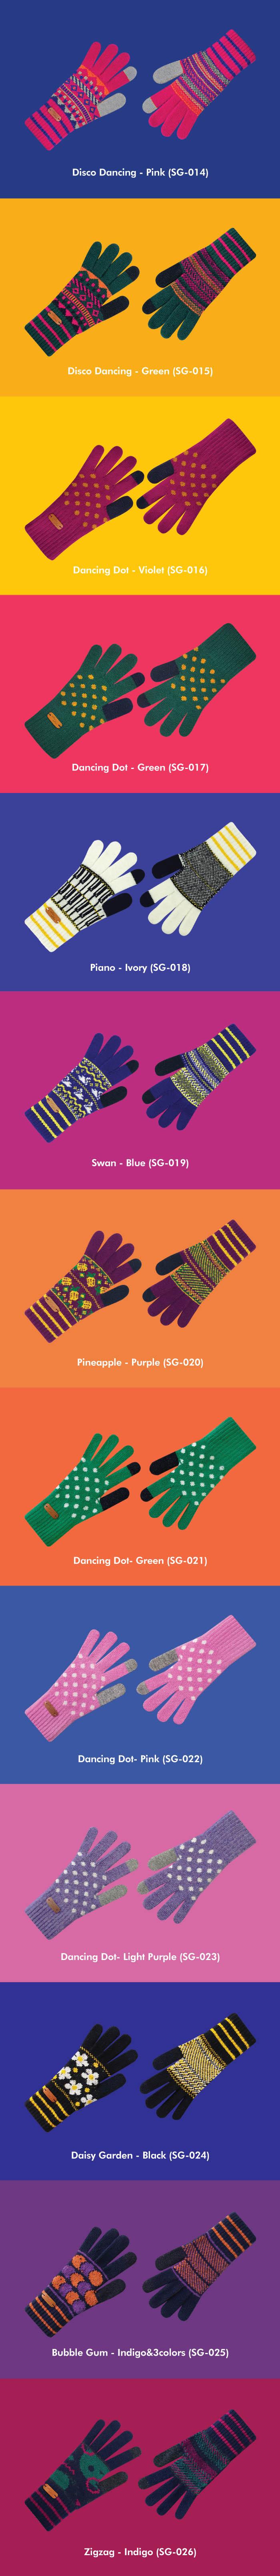 위글위글(WIGGLE WIGGLE) 스마트폰 터치 장갑 Smart phone touch gloves